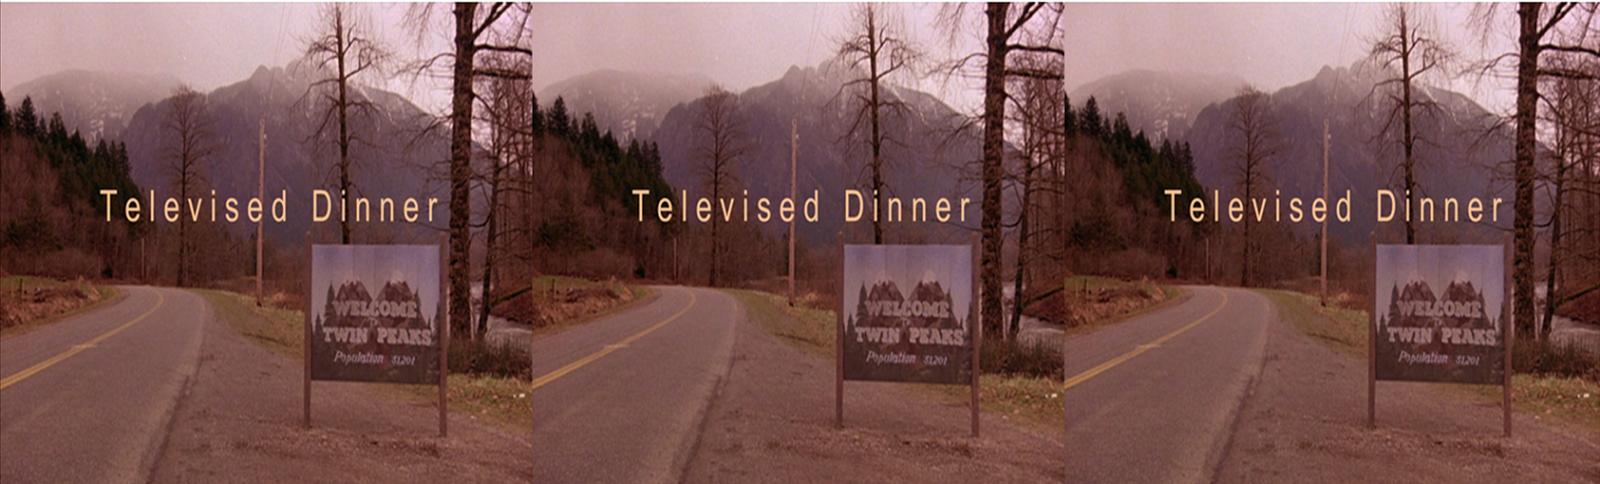 Televised Dinner